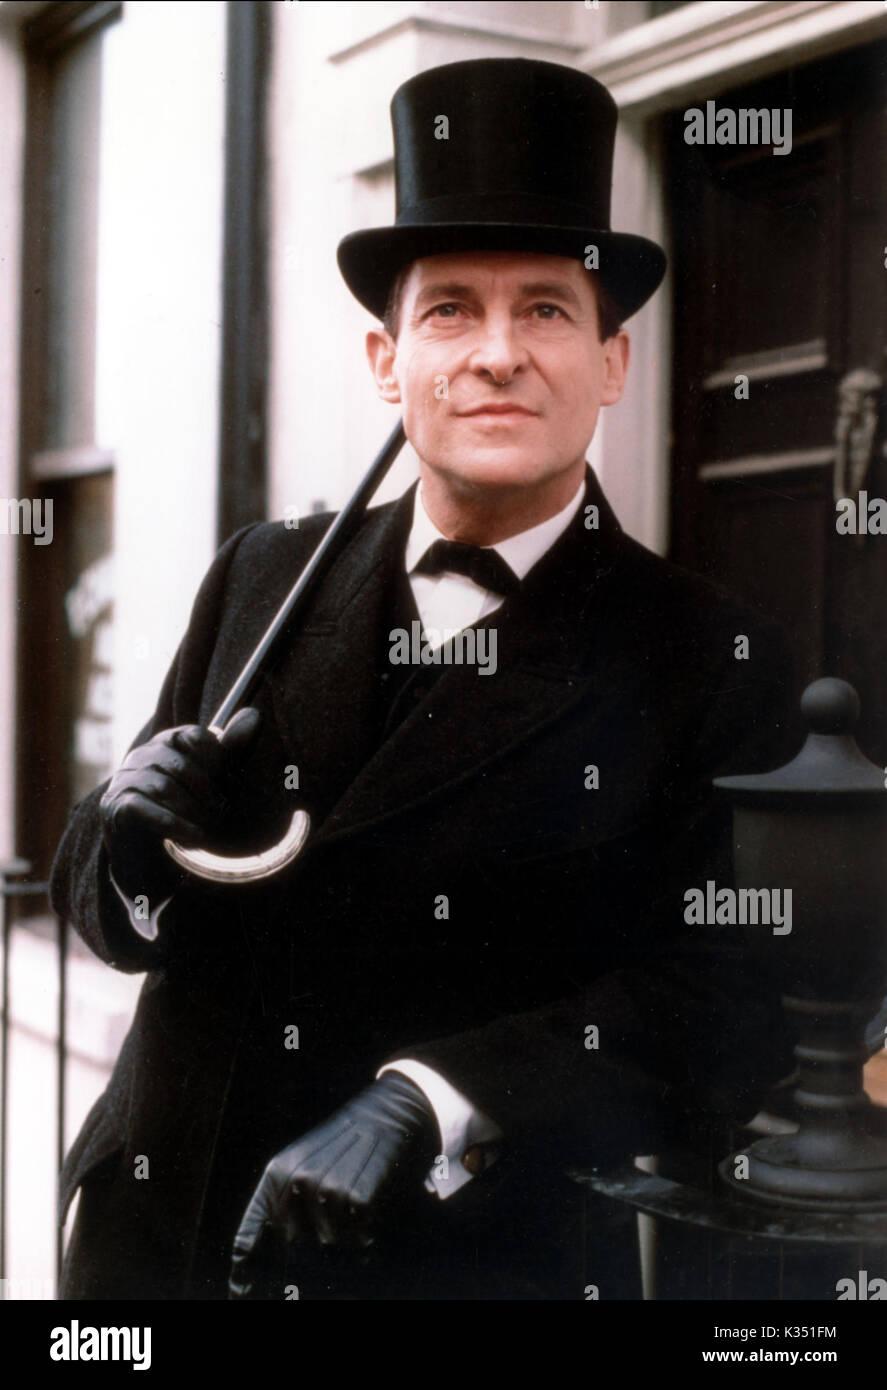 Sherlock Holmes Jeremy Brett : sherlock, holmes, jeremy, brett, ADVENTURES, SHERLOCK, HOLMES, JEREMY, BRETT, Stock, Photo, Alamy